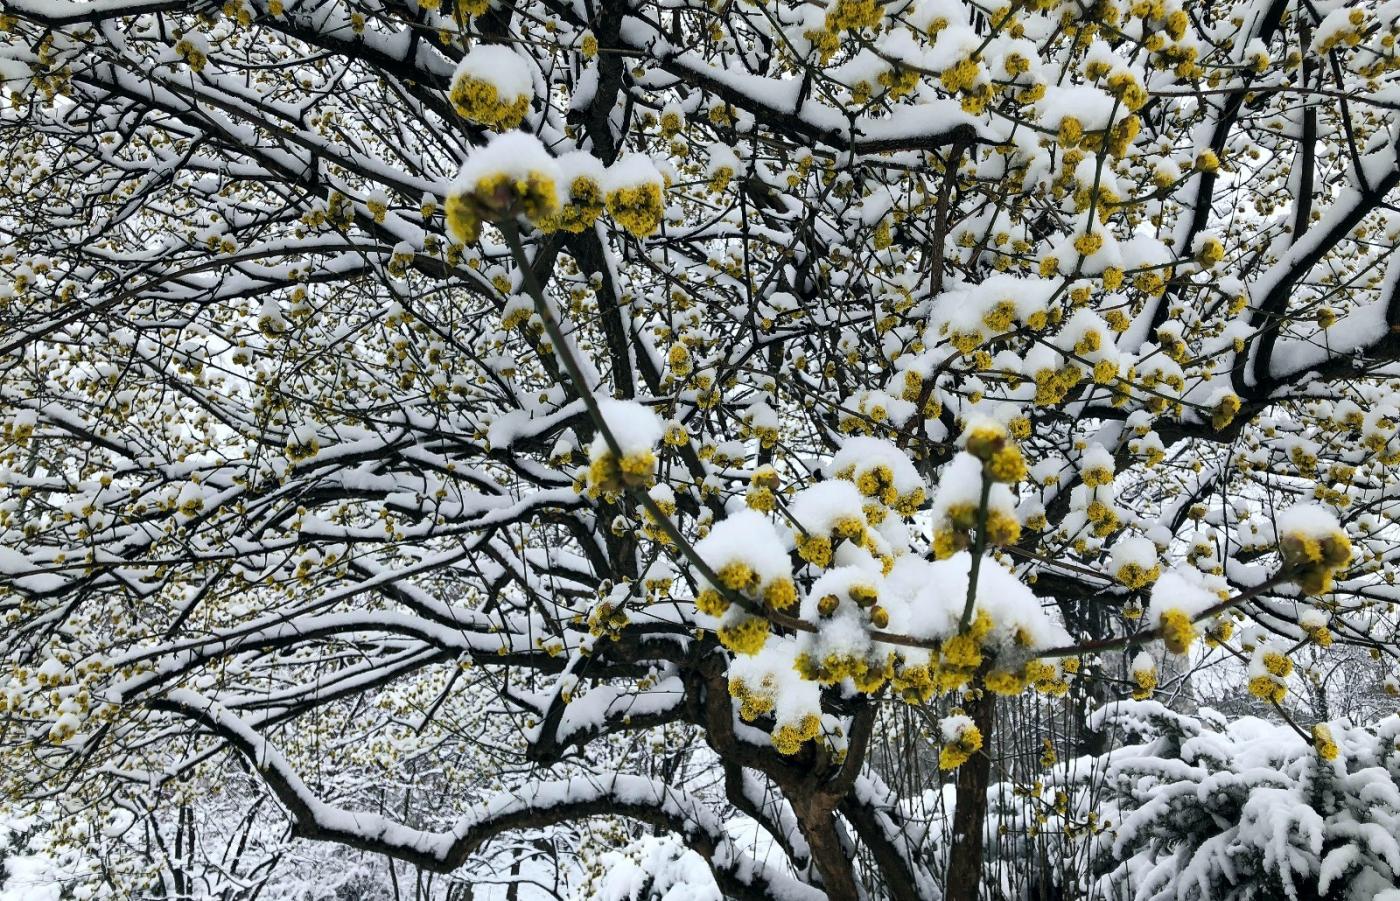 【田螺手机摄影】纽约雪景、还是中央公园最漂亮[二]_图1-9